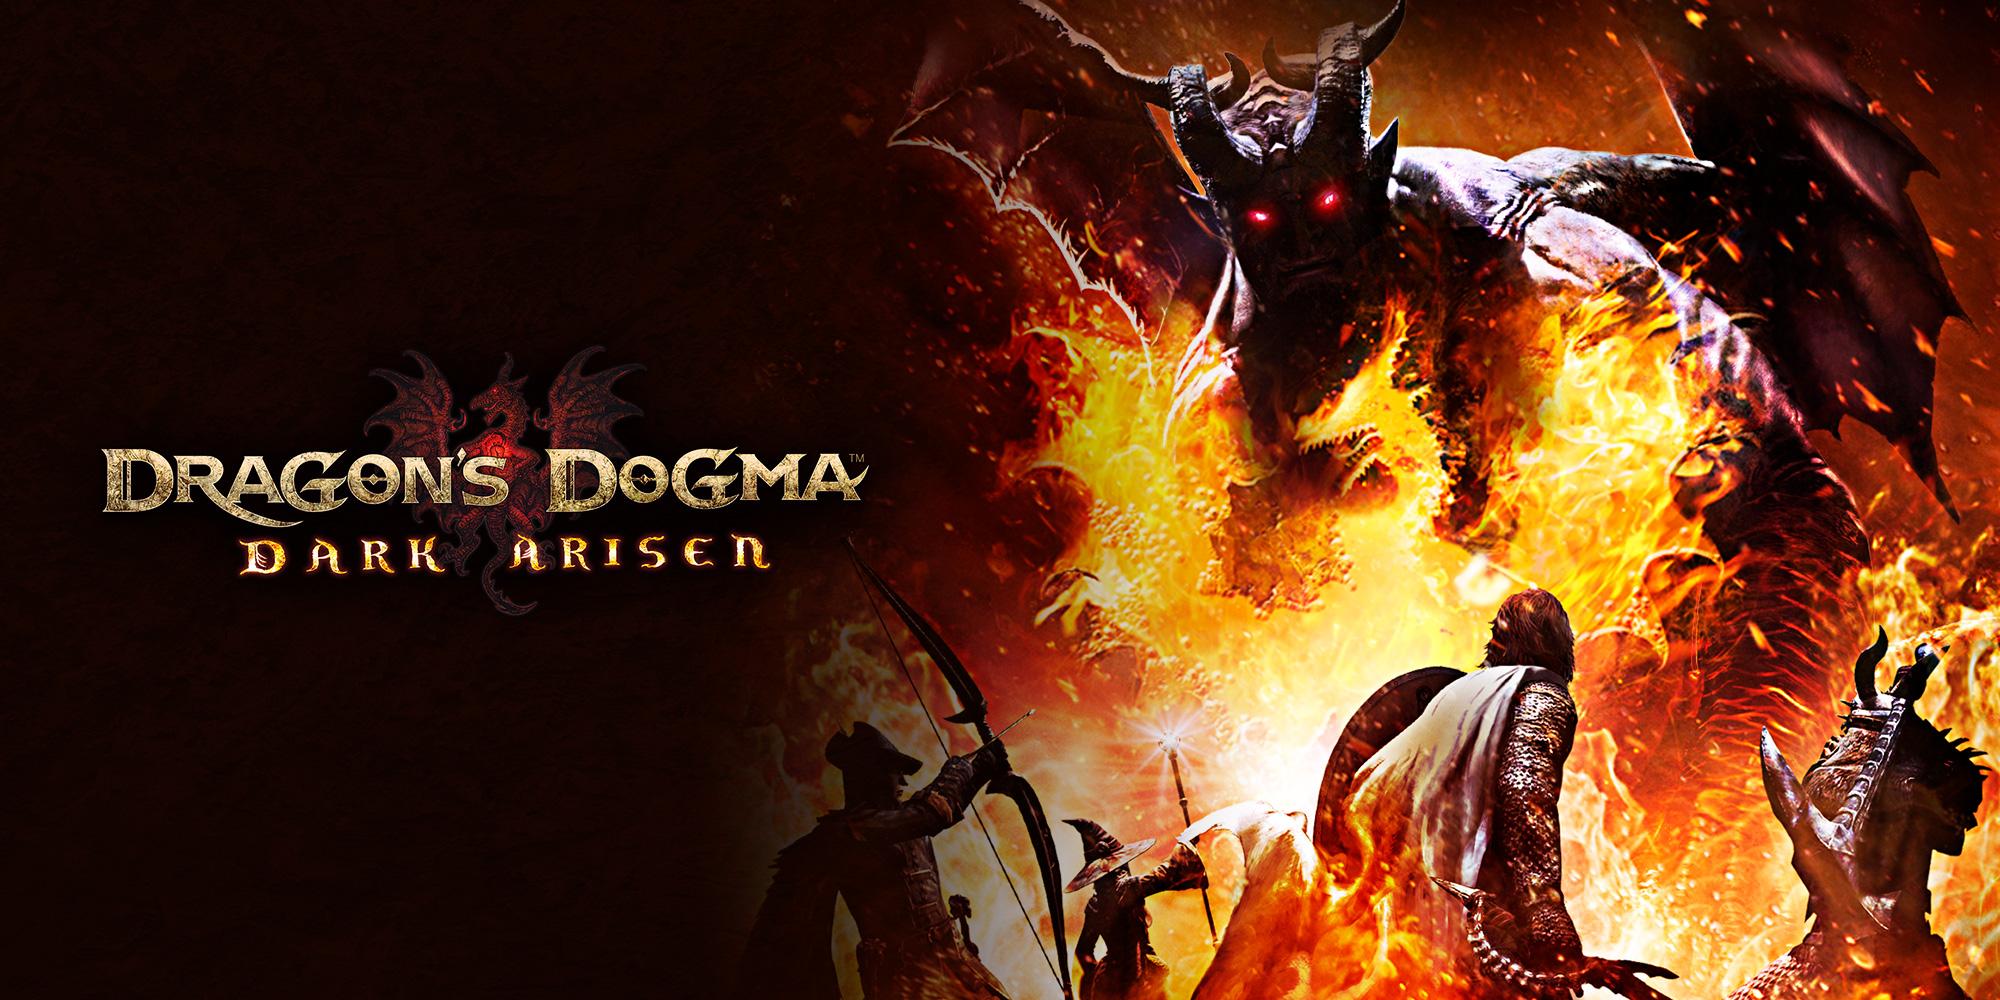 Dragon's Dogma: Dark Arisen | Aplicações de download da Nintendo Switch |  Jogos | Nintendo